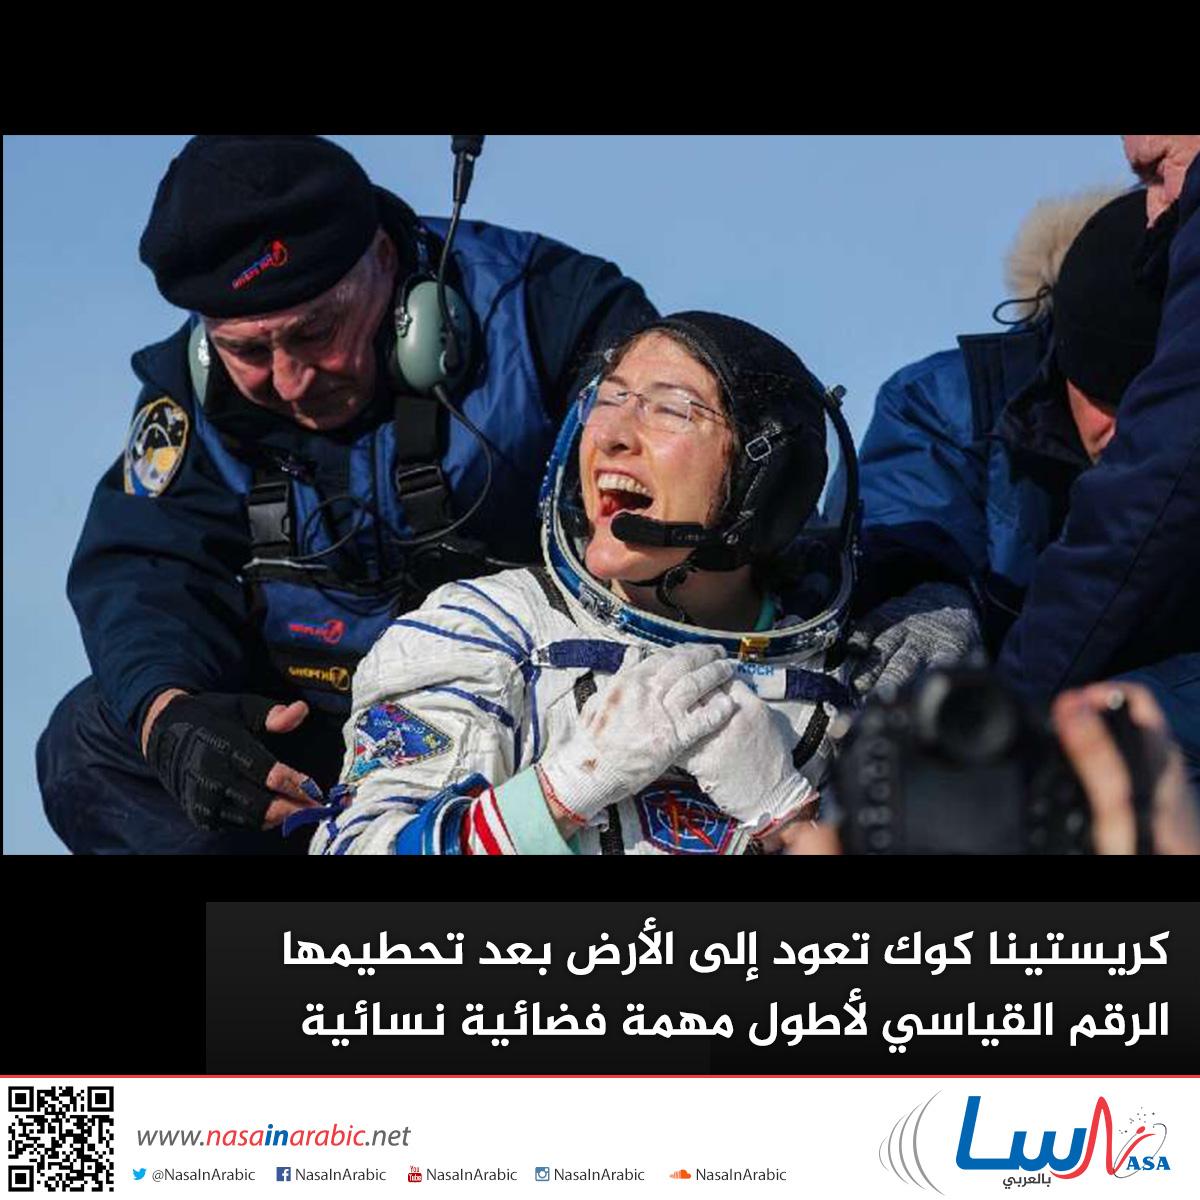 كريستينا كوك تعود إلى الأرض بعد تحطيمها الرقم القياسي لأطول مهمة فضائية نسائية